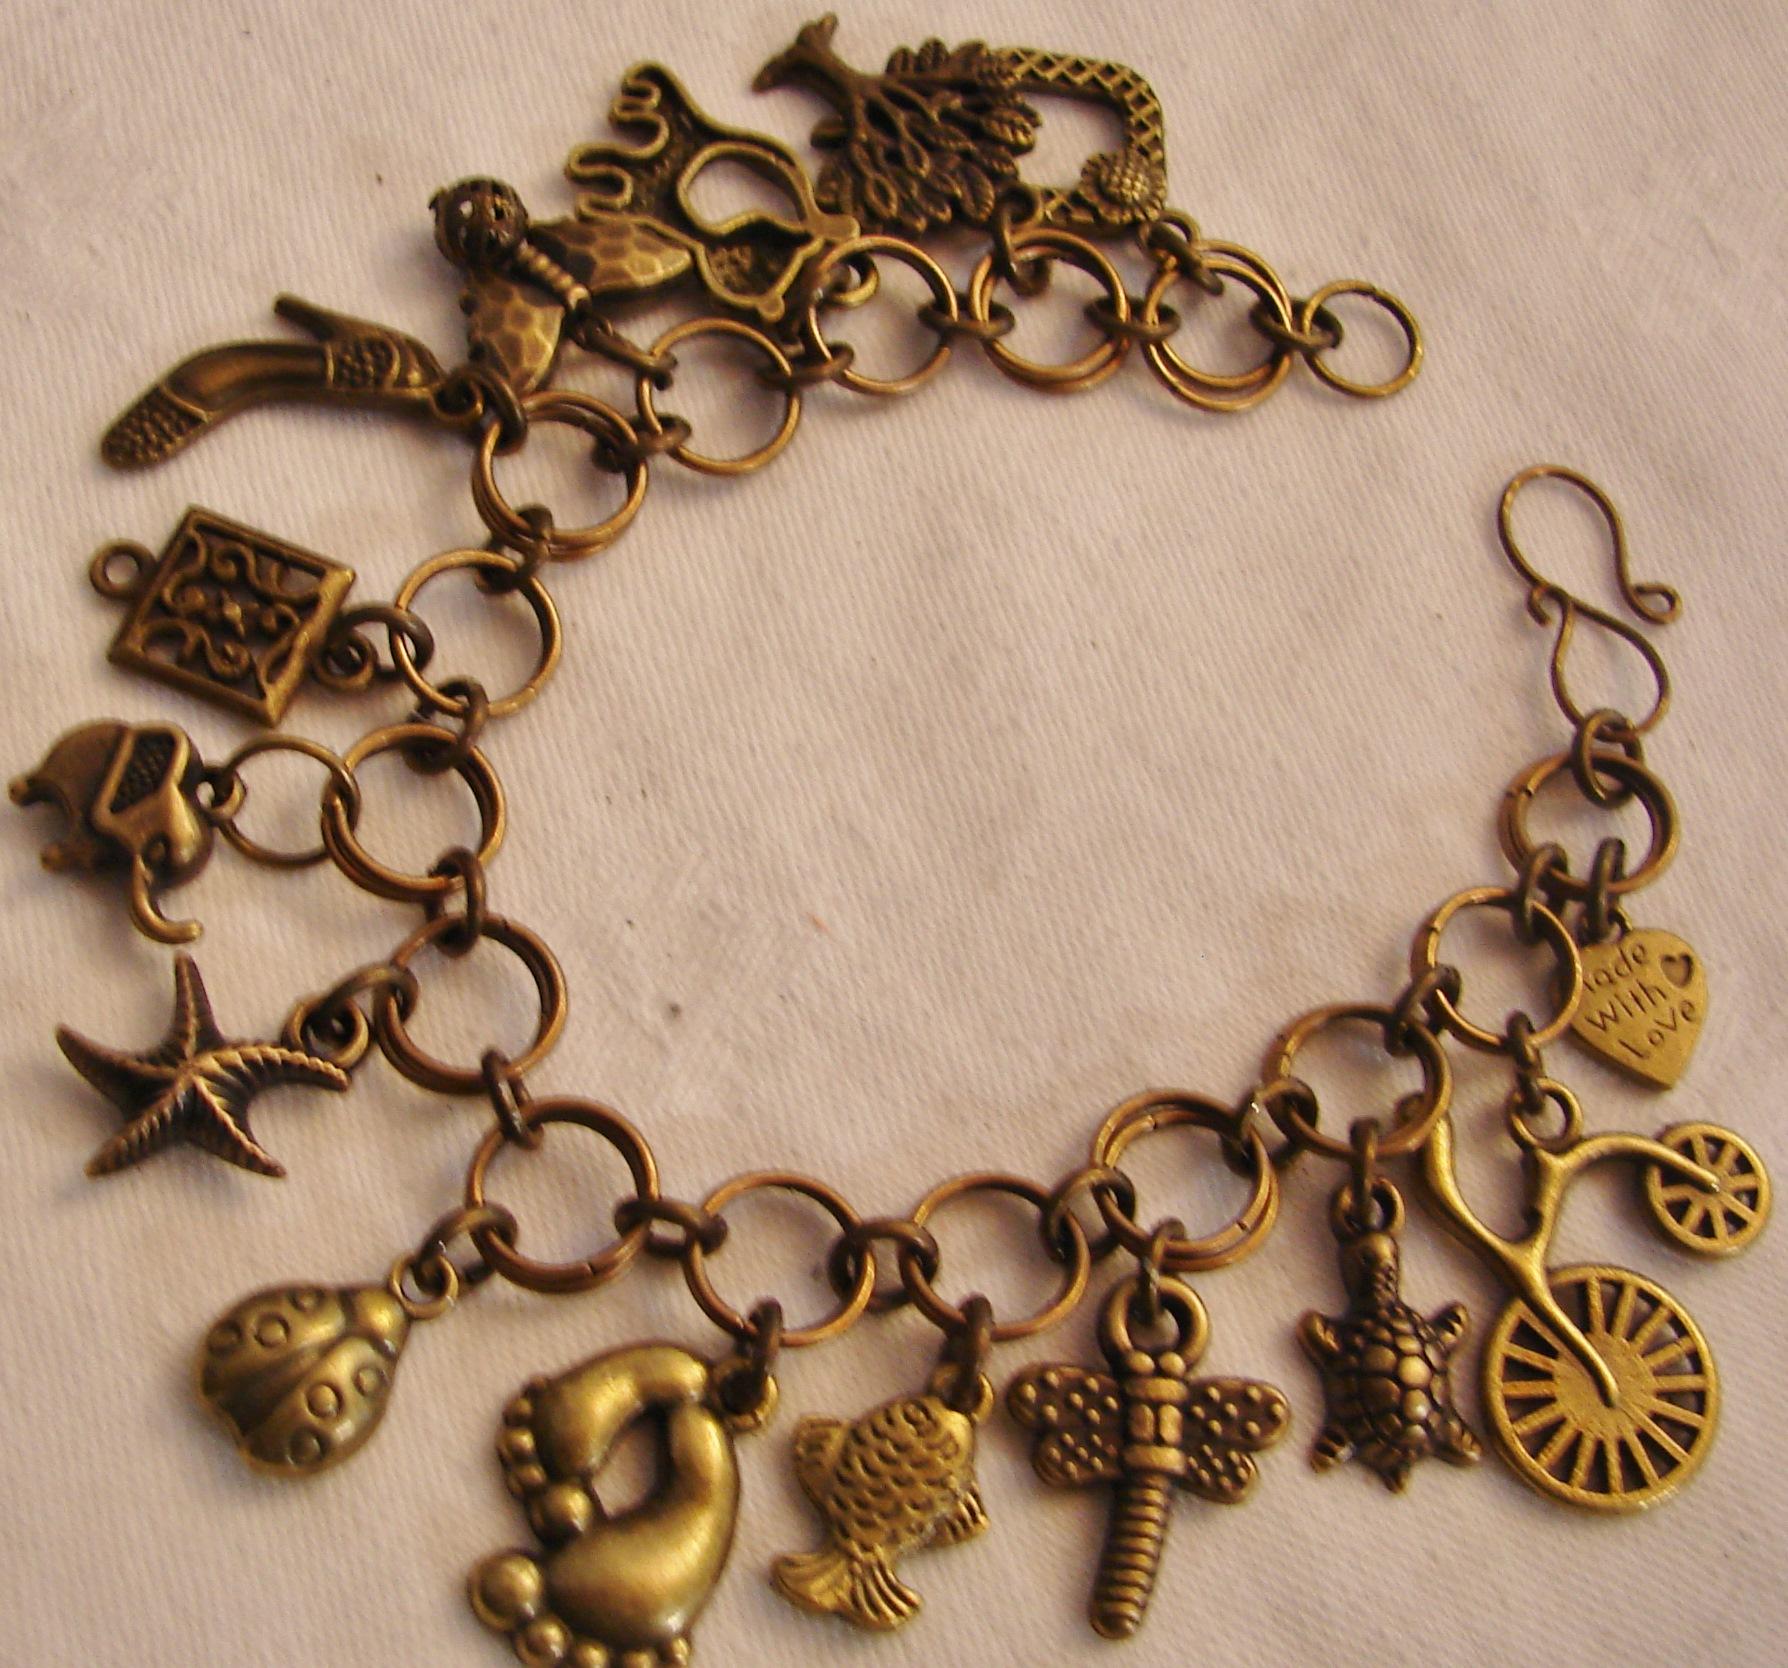 Antique Bronze Charm Bracelet